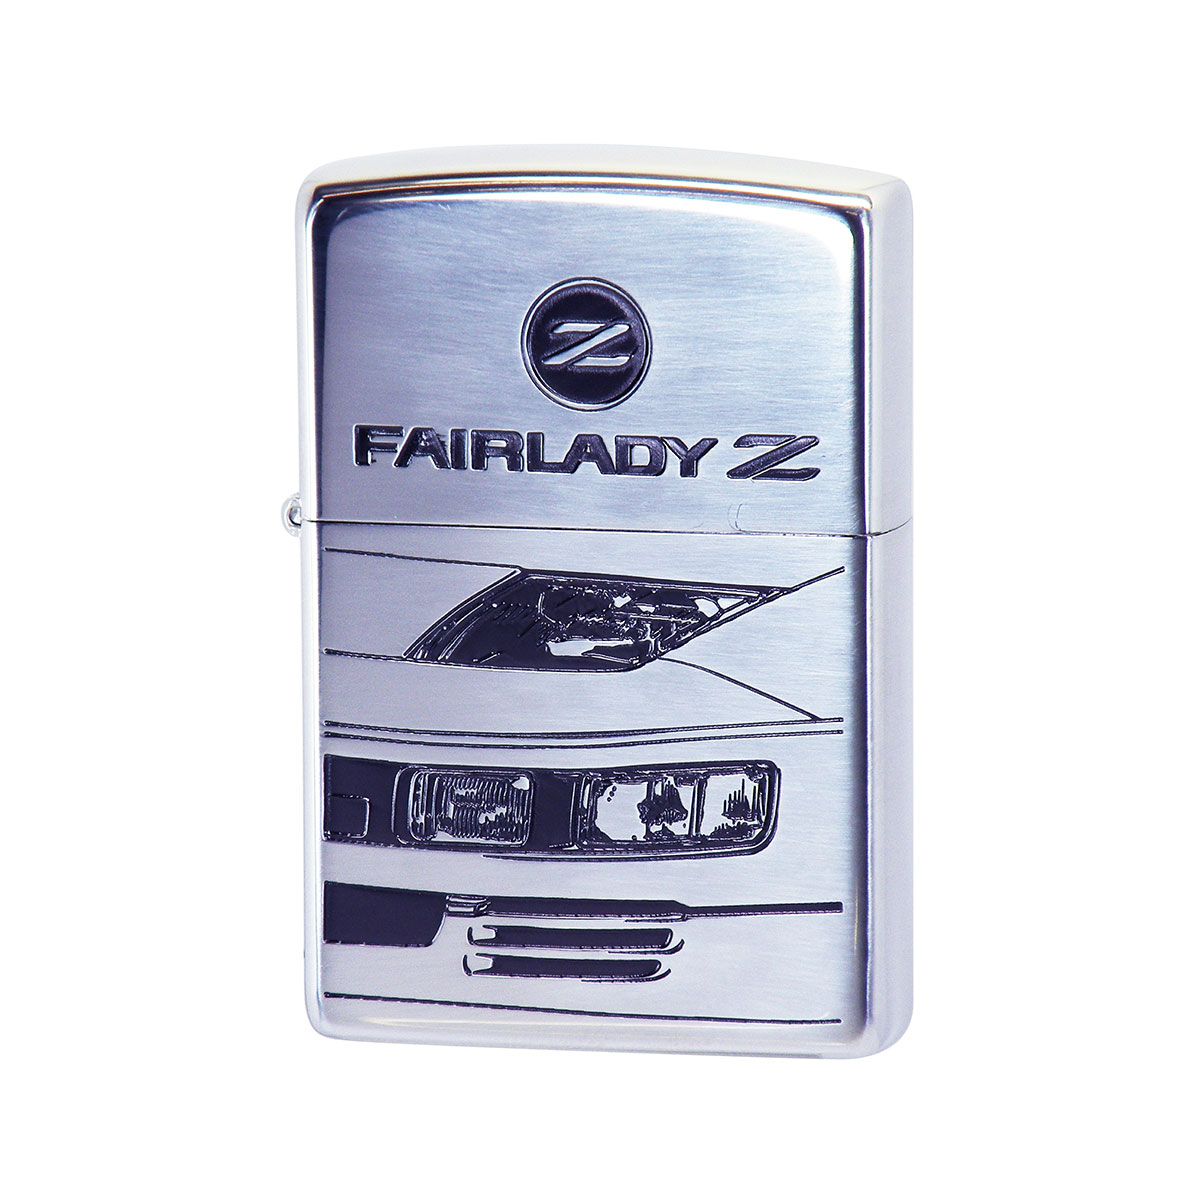 【正規取扱店】ZIPPO オイルライター ジッポー 1969個限定モデル 4代目 FAIRLADY Z 〔Z32〕 フェアレディZ シリアルナンバー入り 誕生日 父の日 クリスマス プレゼント スポーツカー スーパーカー ラッピング【送料無料】